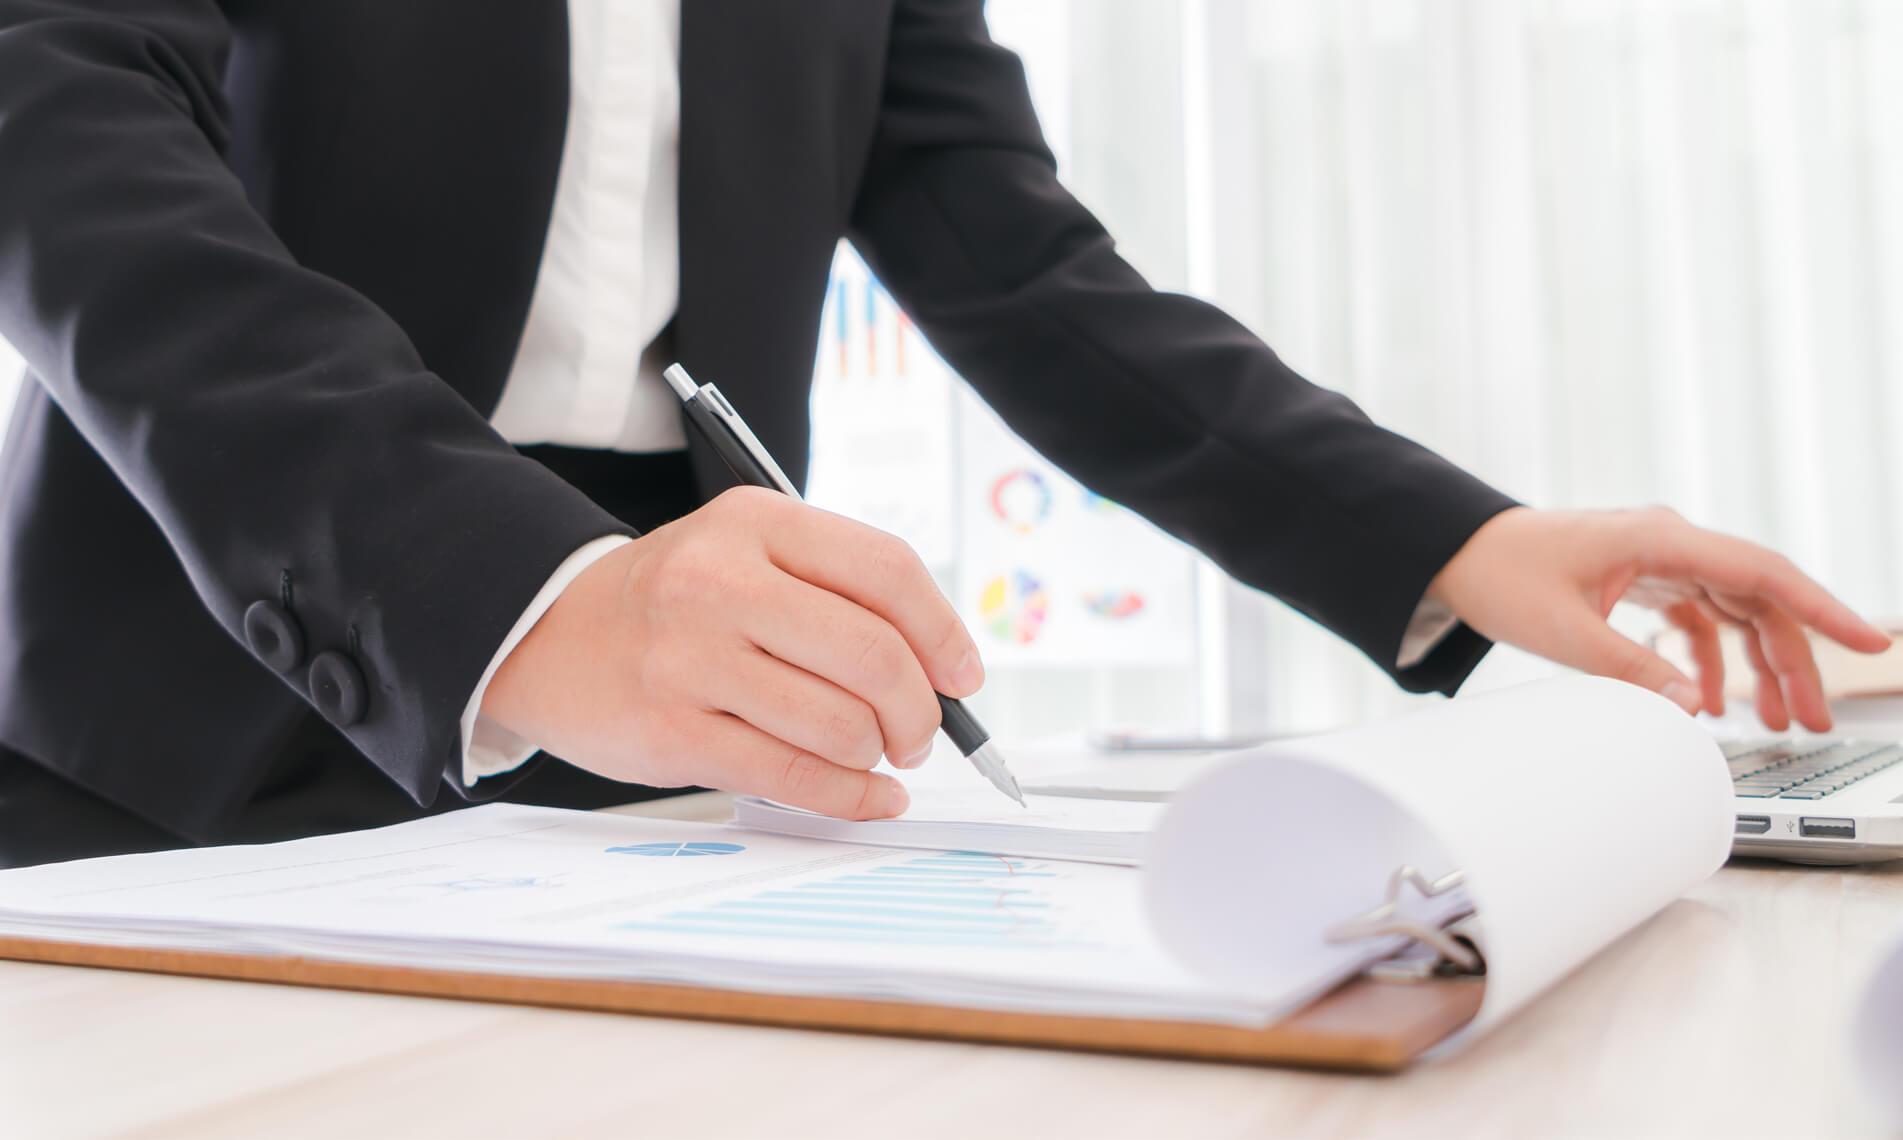 Satışta Hikayeleştirmenin Önemi ve Hikaye Teknikleri